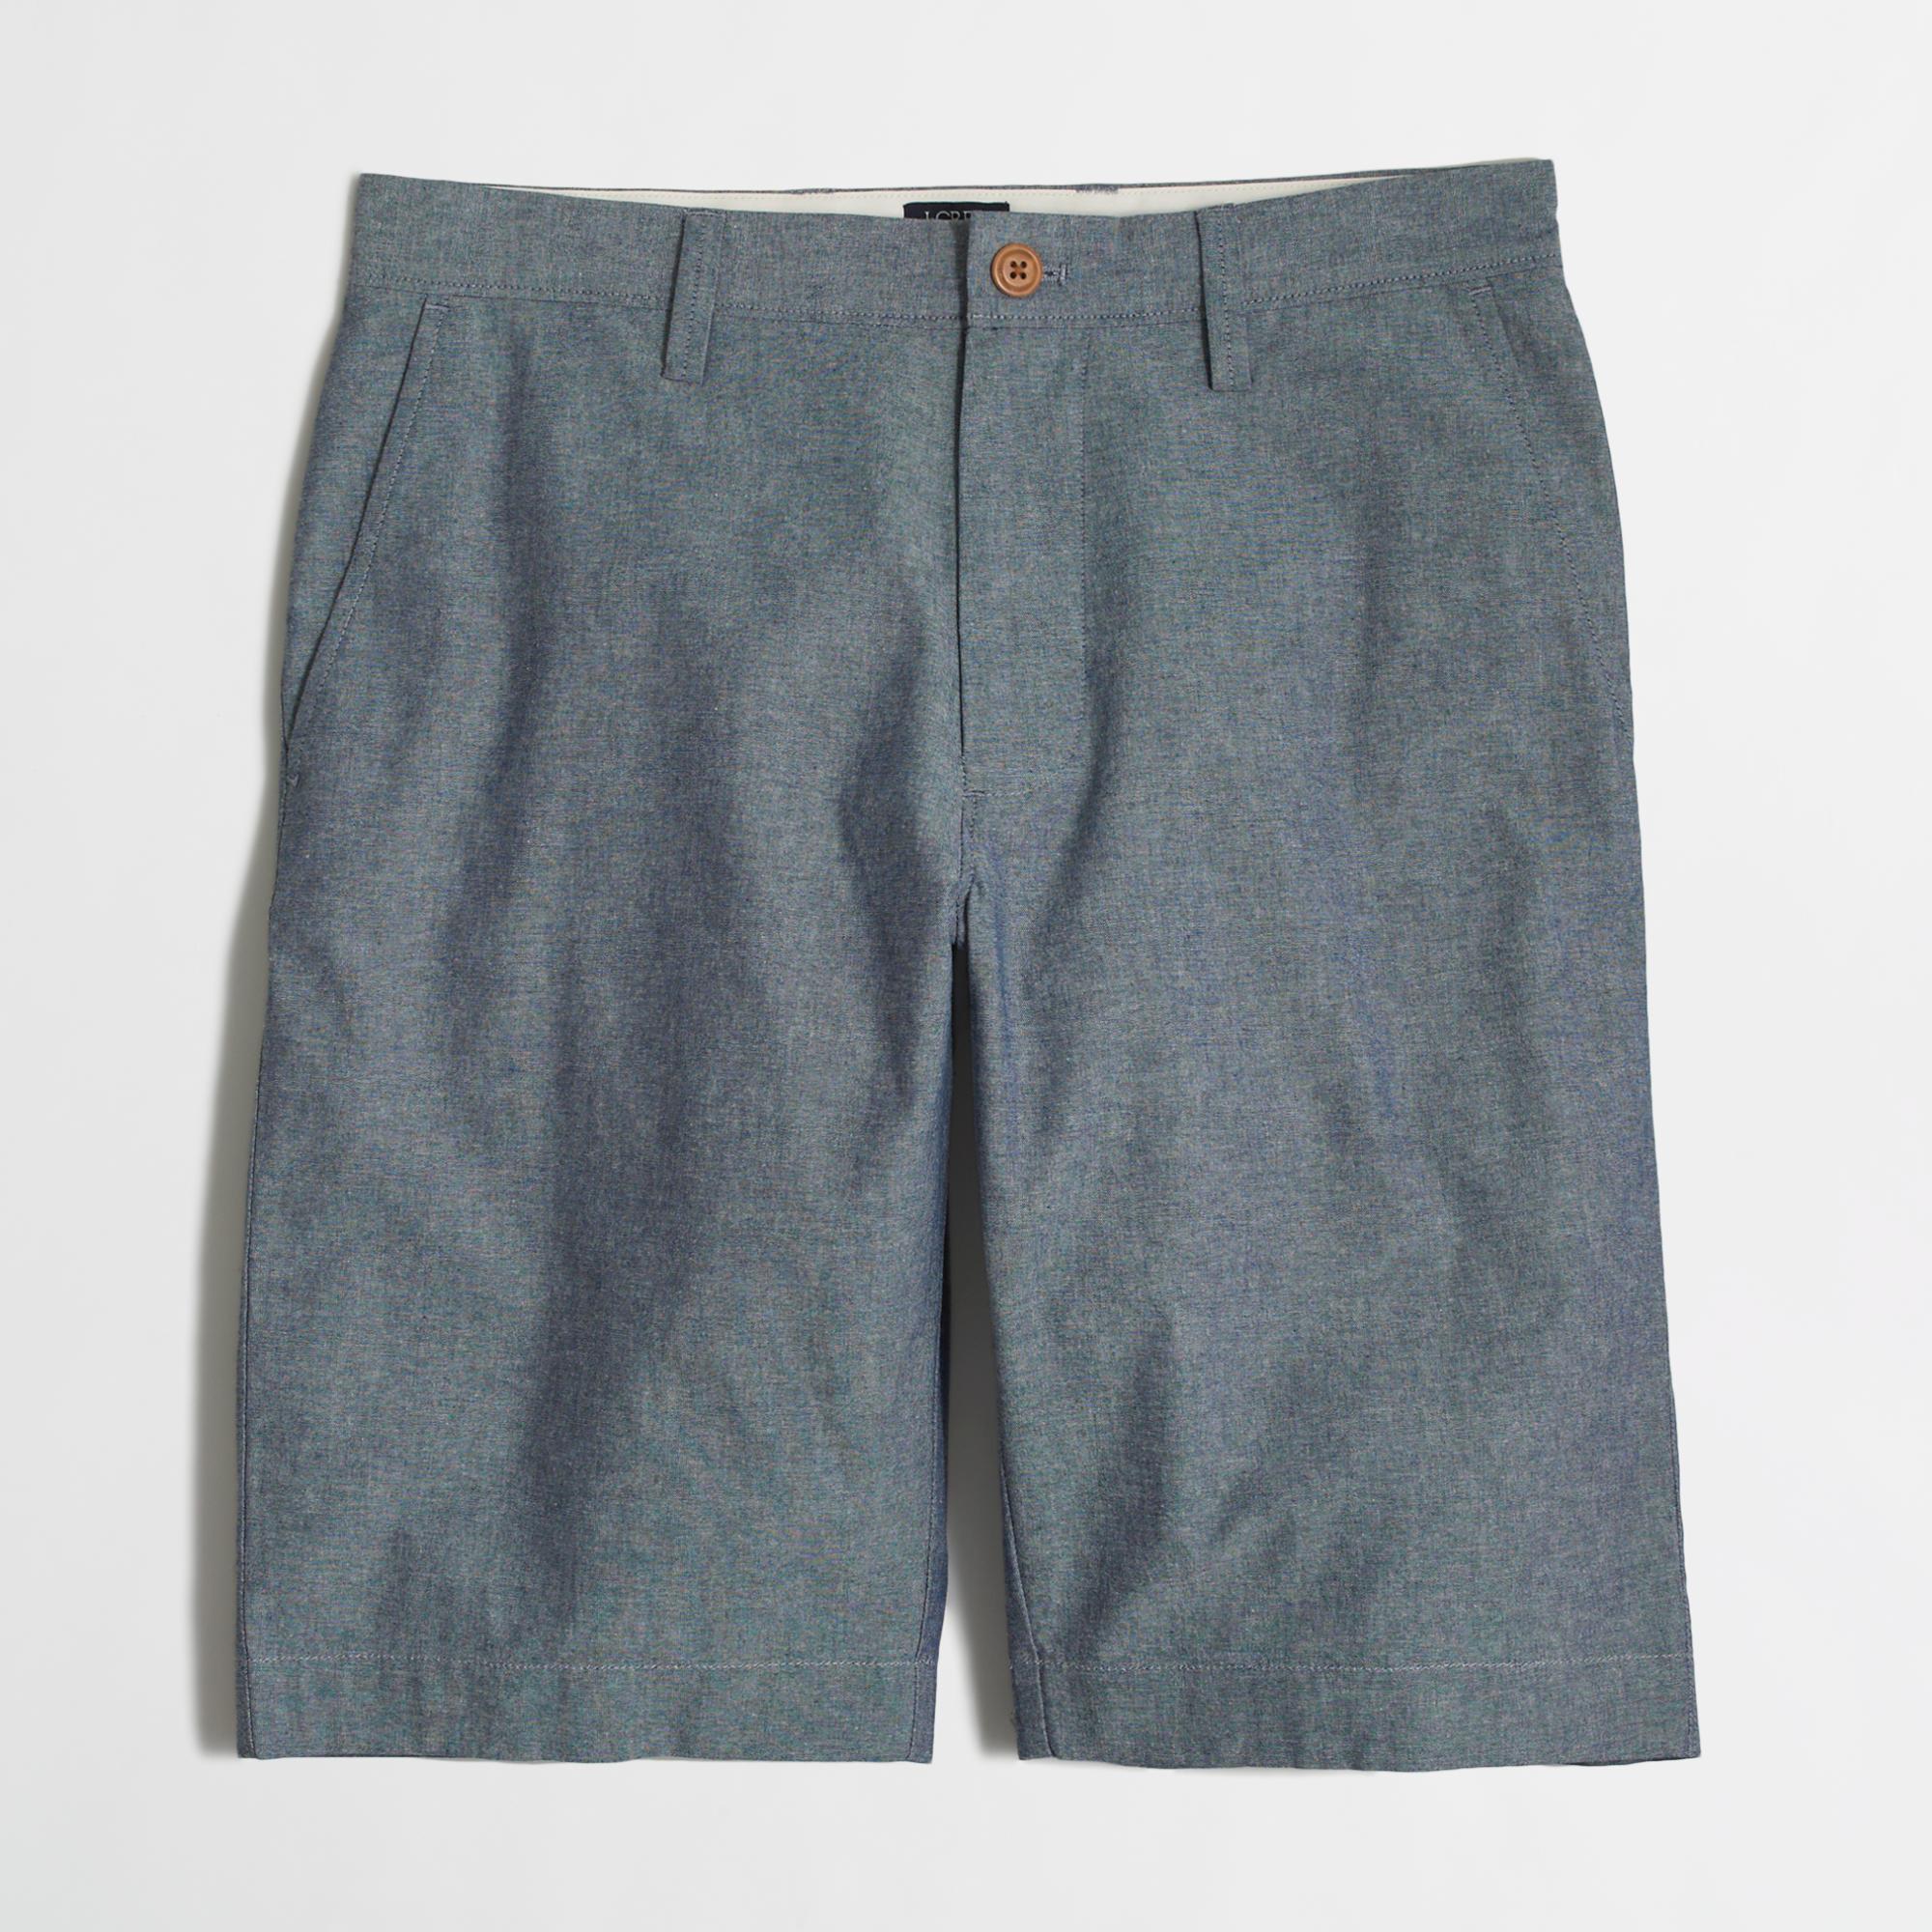 11 Mens Shorts